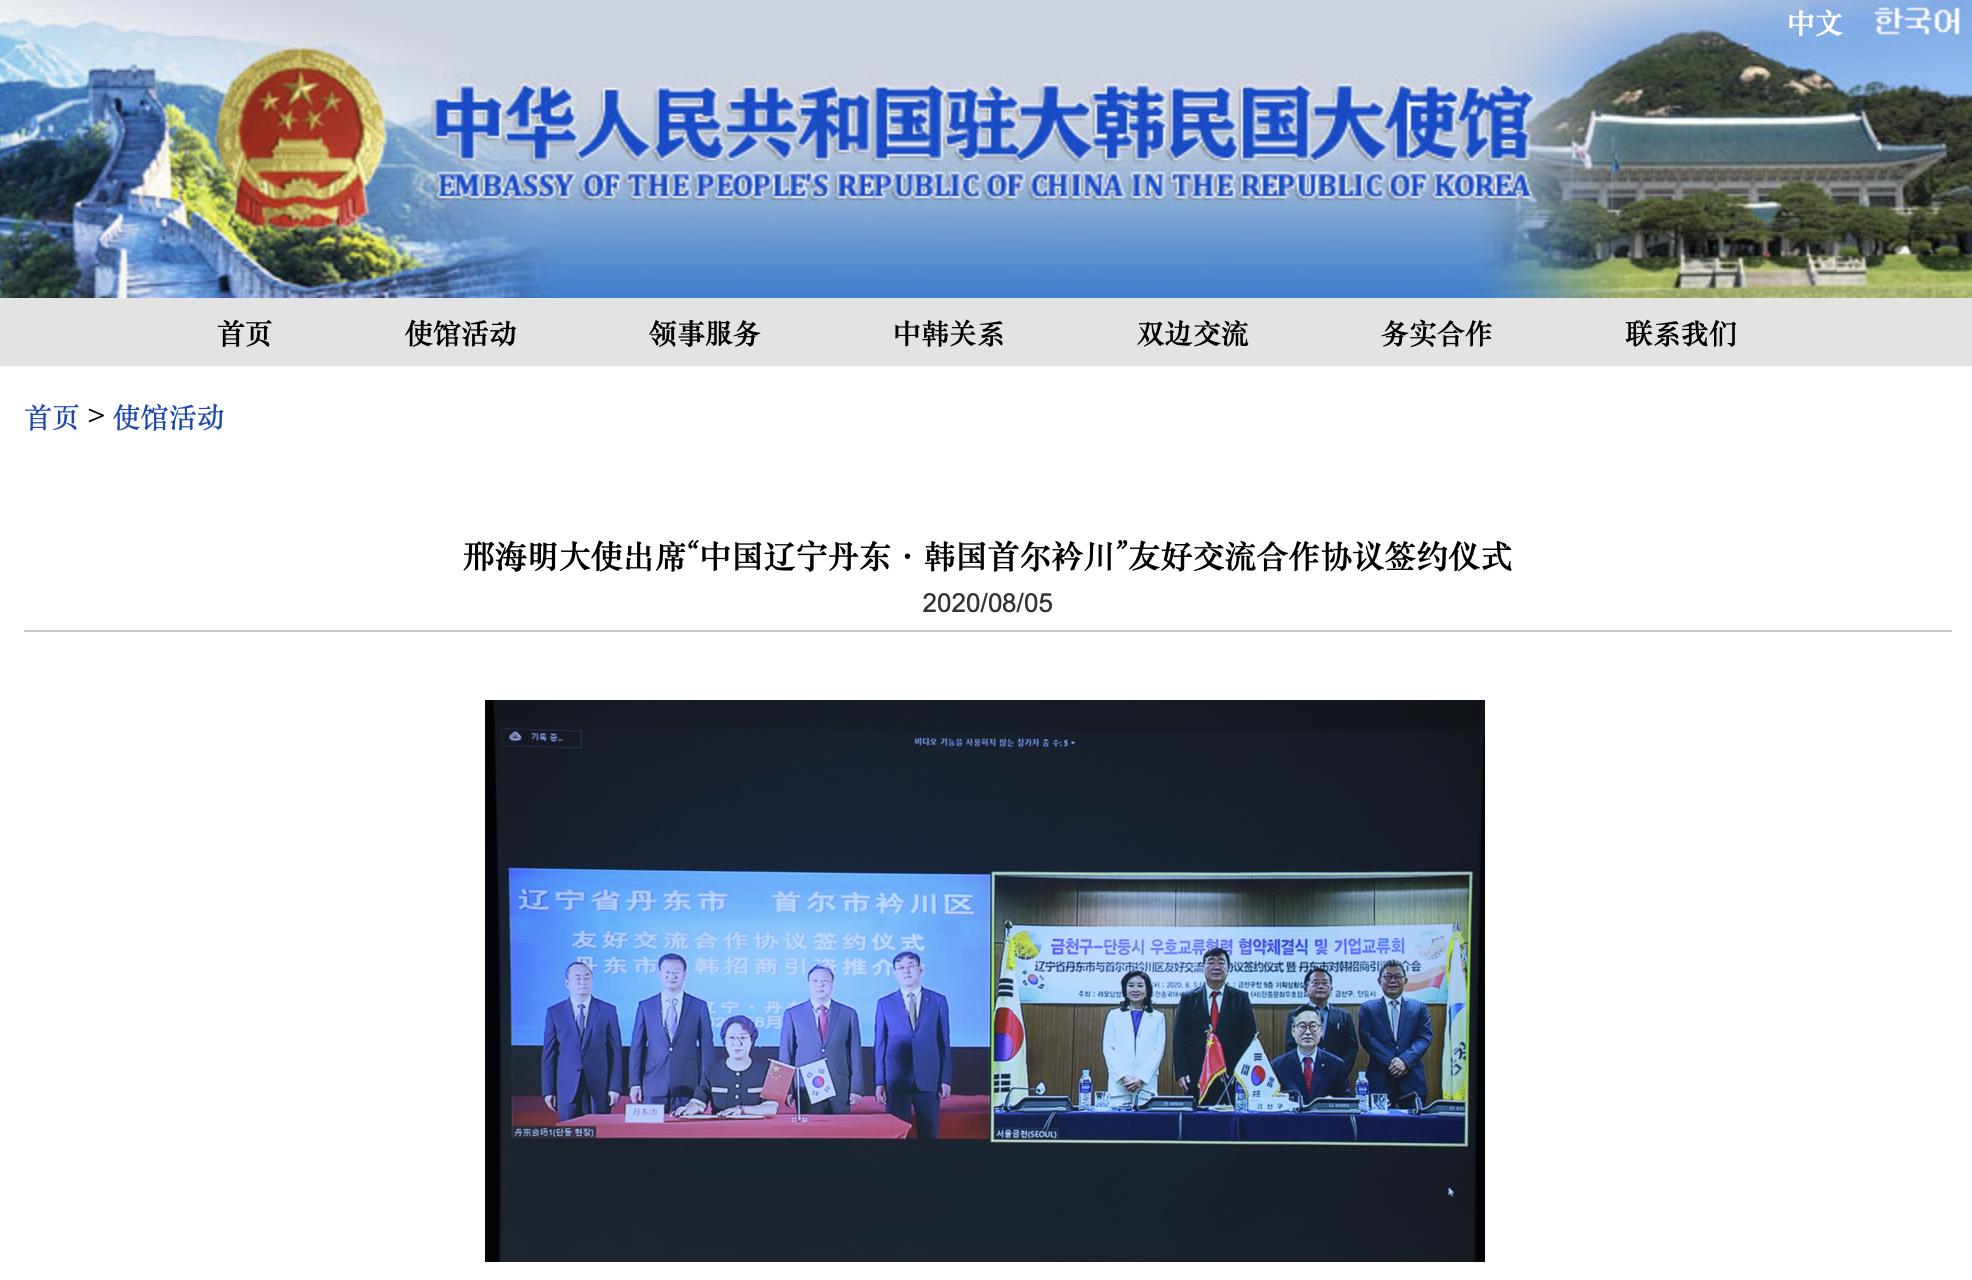 中国辽宁丹东与韩国首尔衿川签署友好交流合作协议